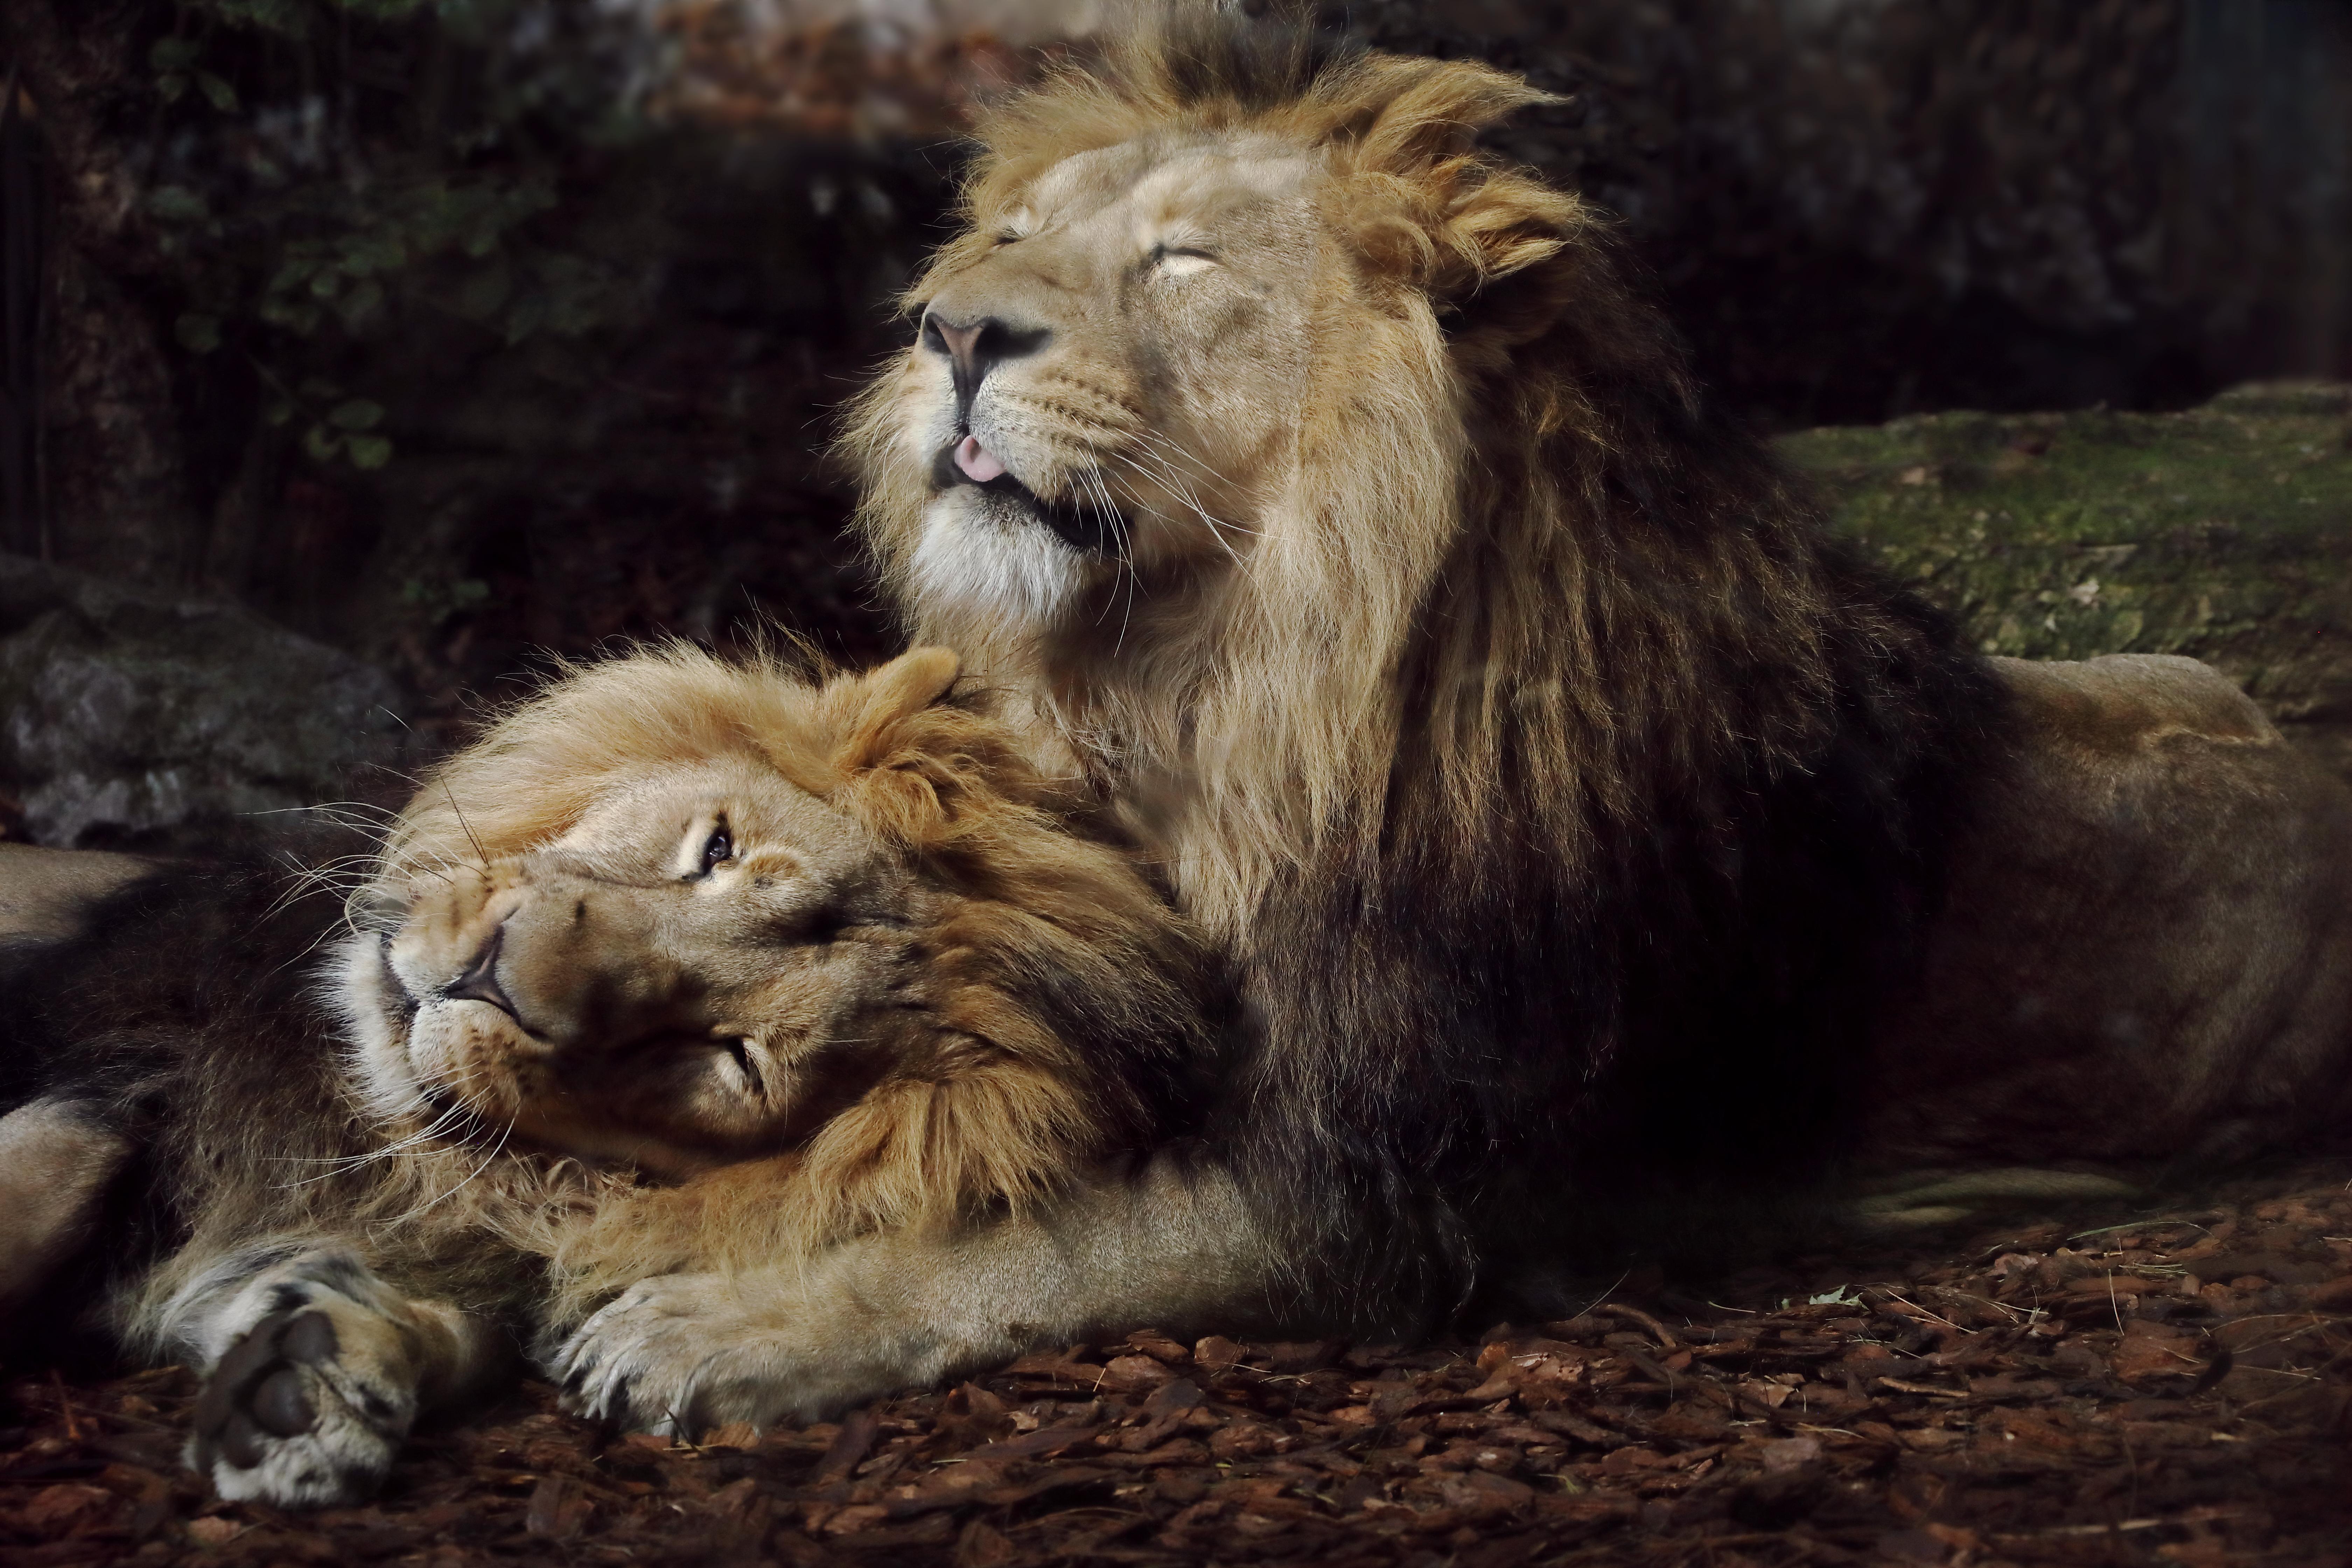 joyful lions 1574938087 - Joyful Lions -